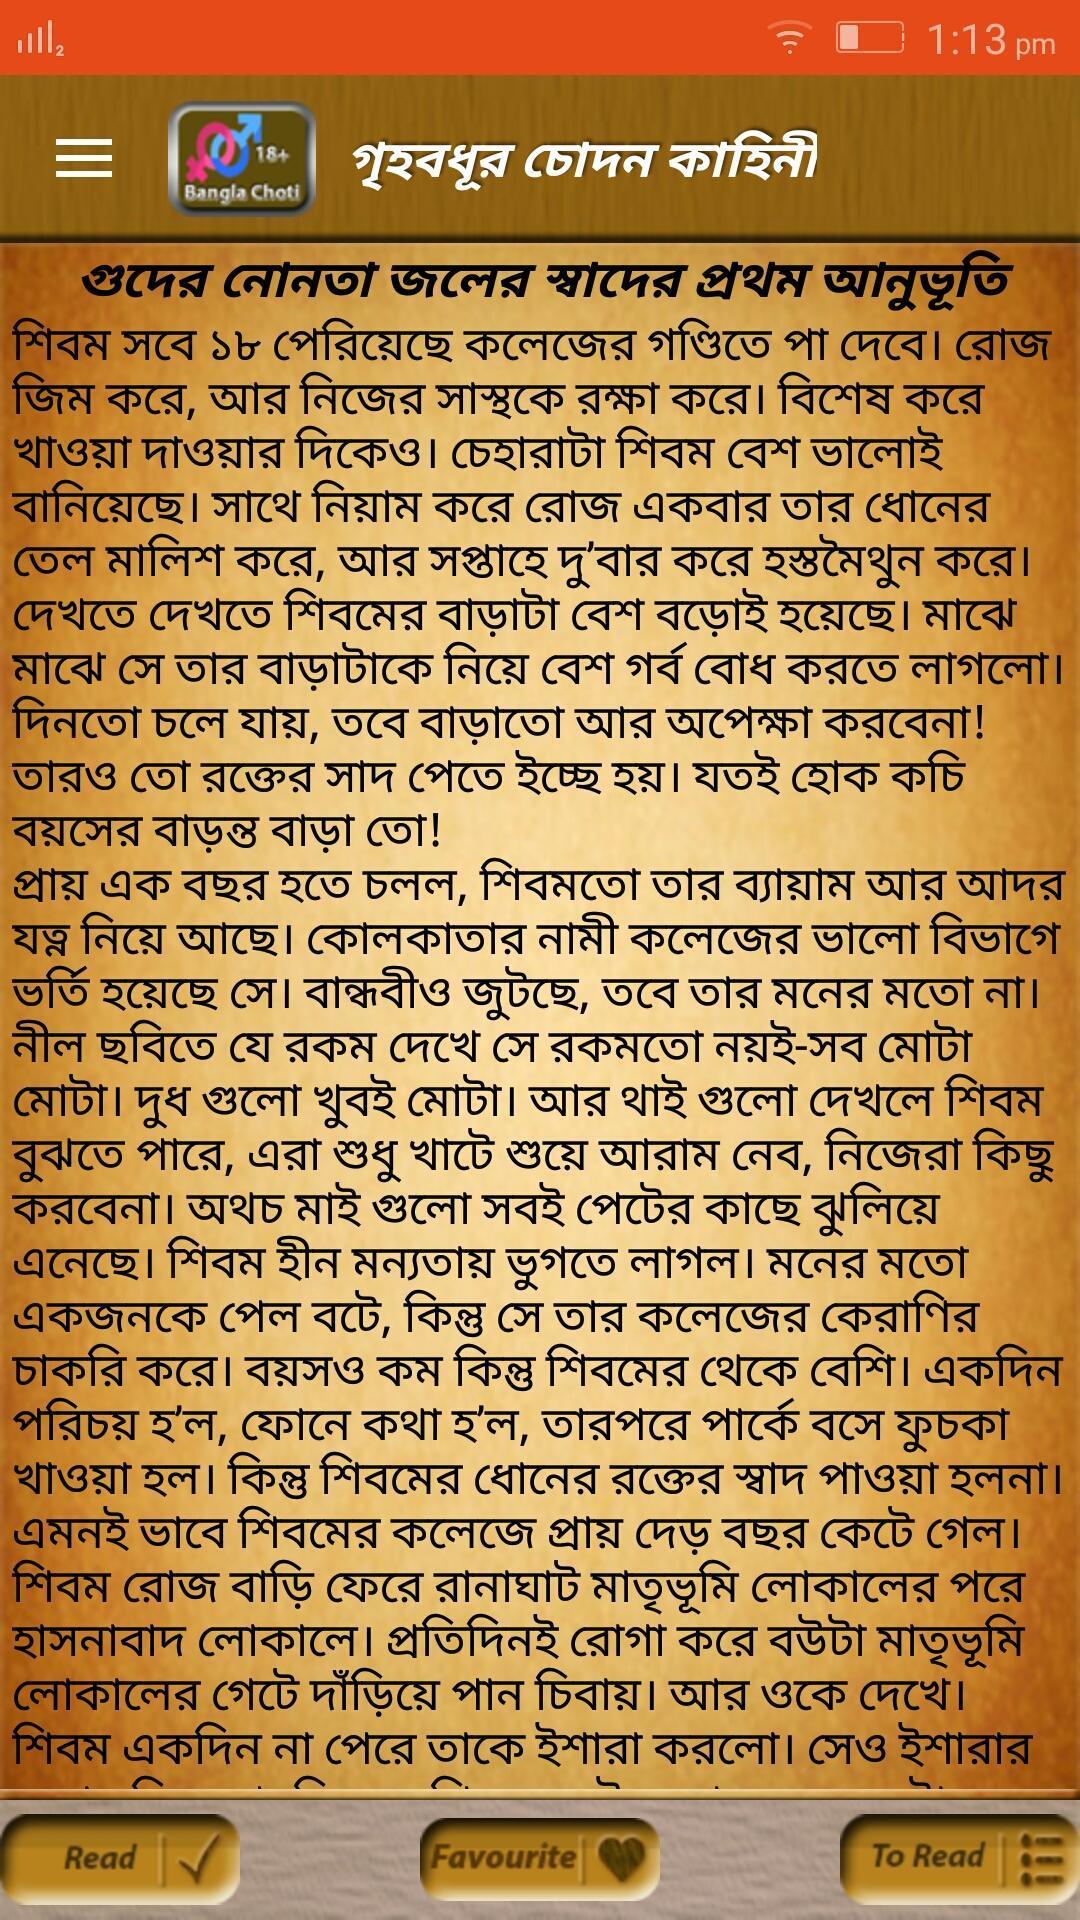 Bangla Choti bangla choti for android - apk download